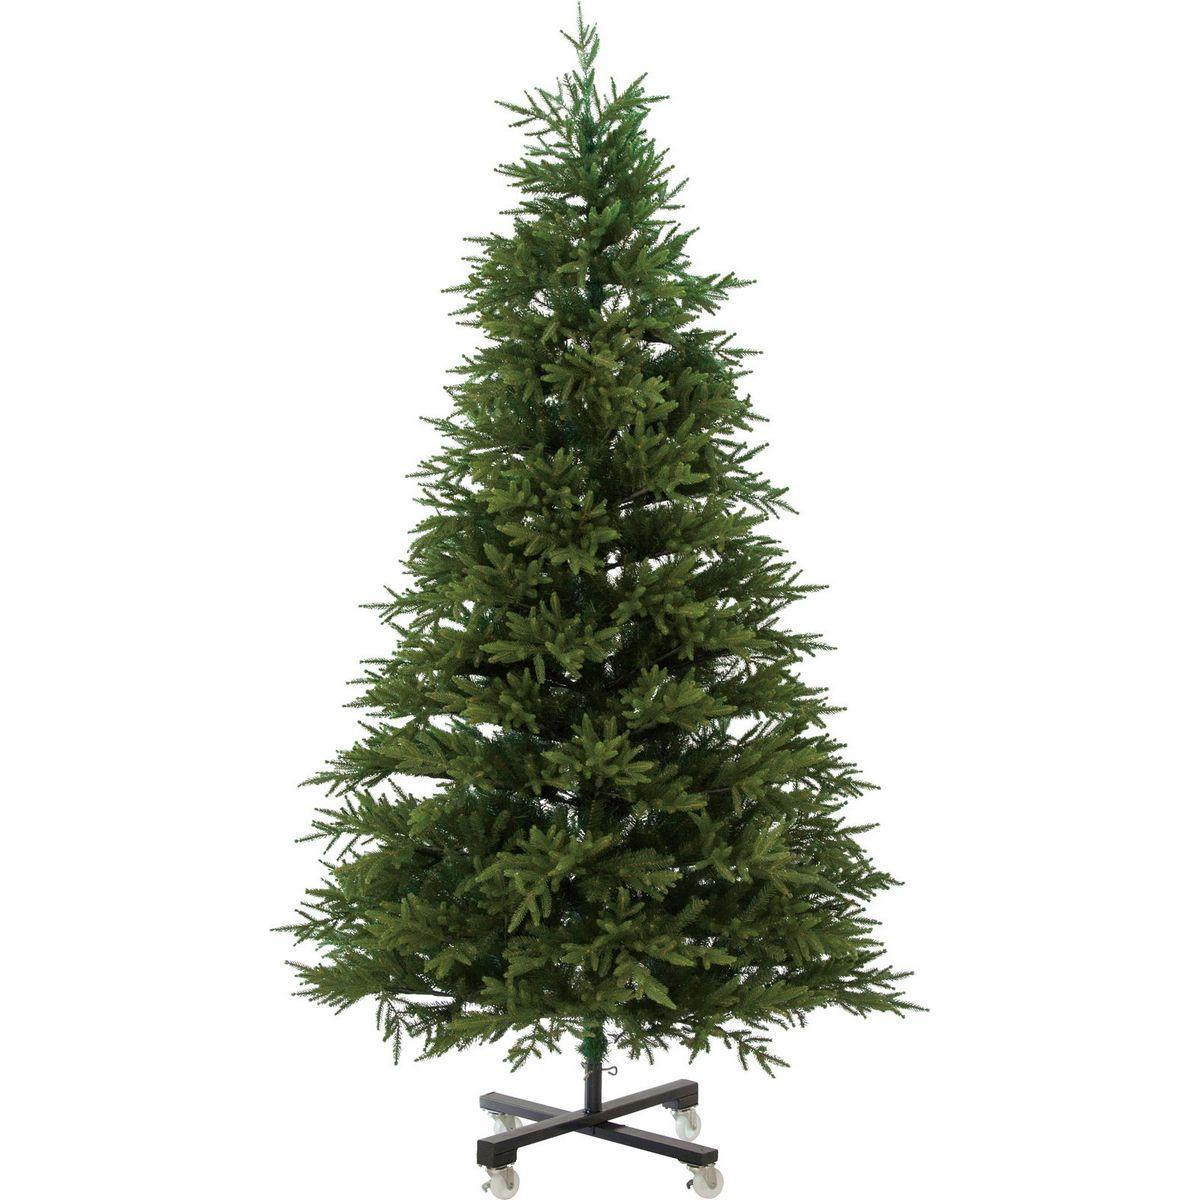 YDM/240cmリアルスリムパインツリー/CAA-174【01】【取寄】《 店舗ディスプレイ クリスマス飾り クリスマスツリー 》